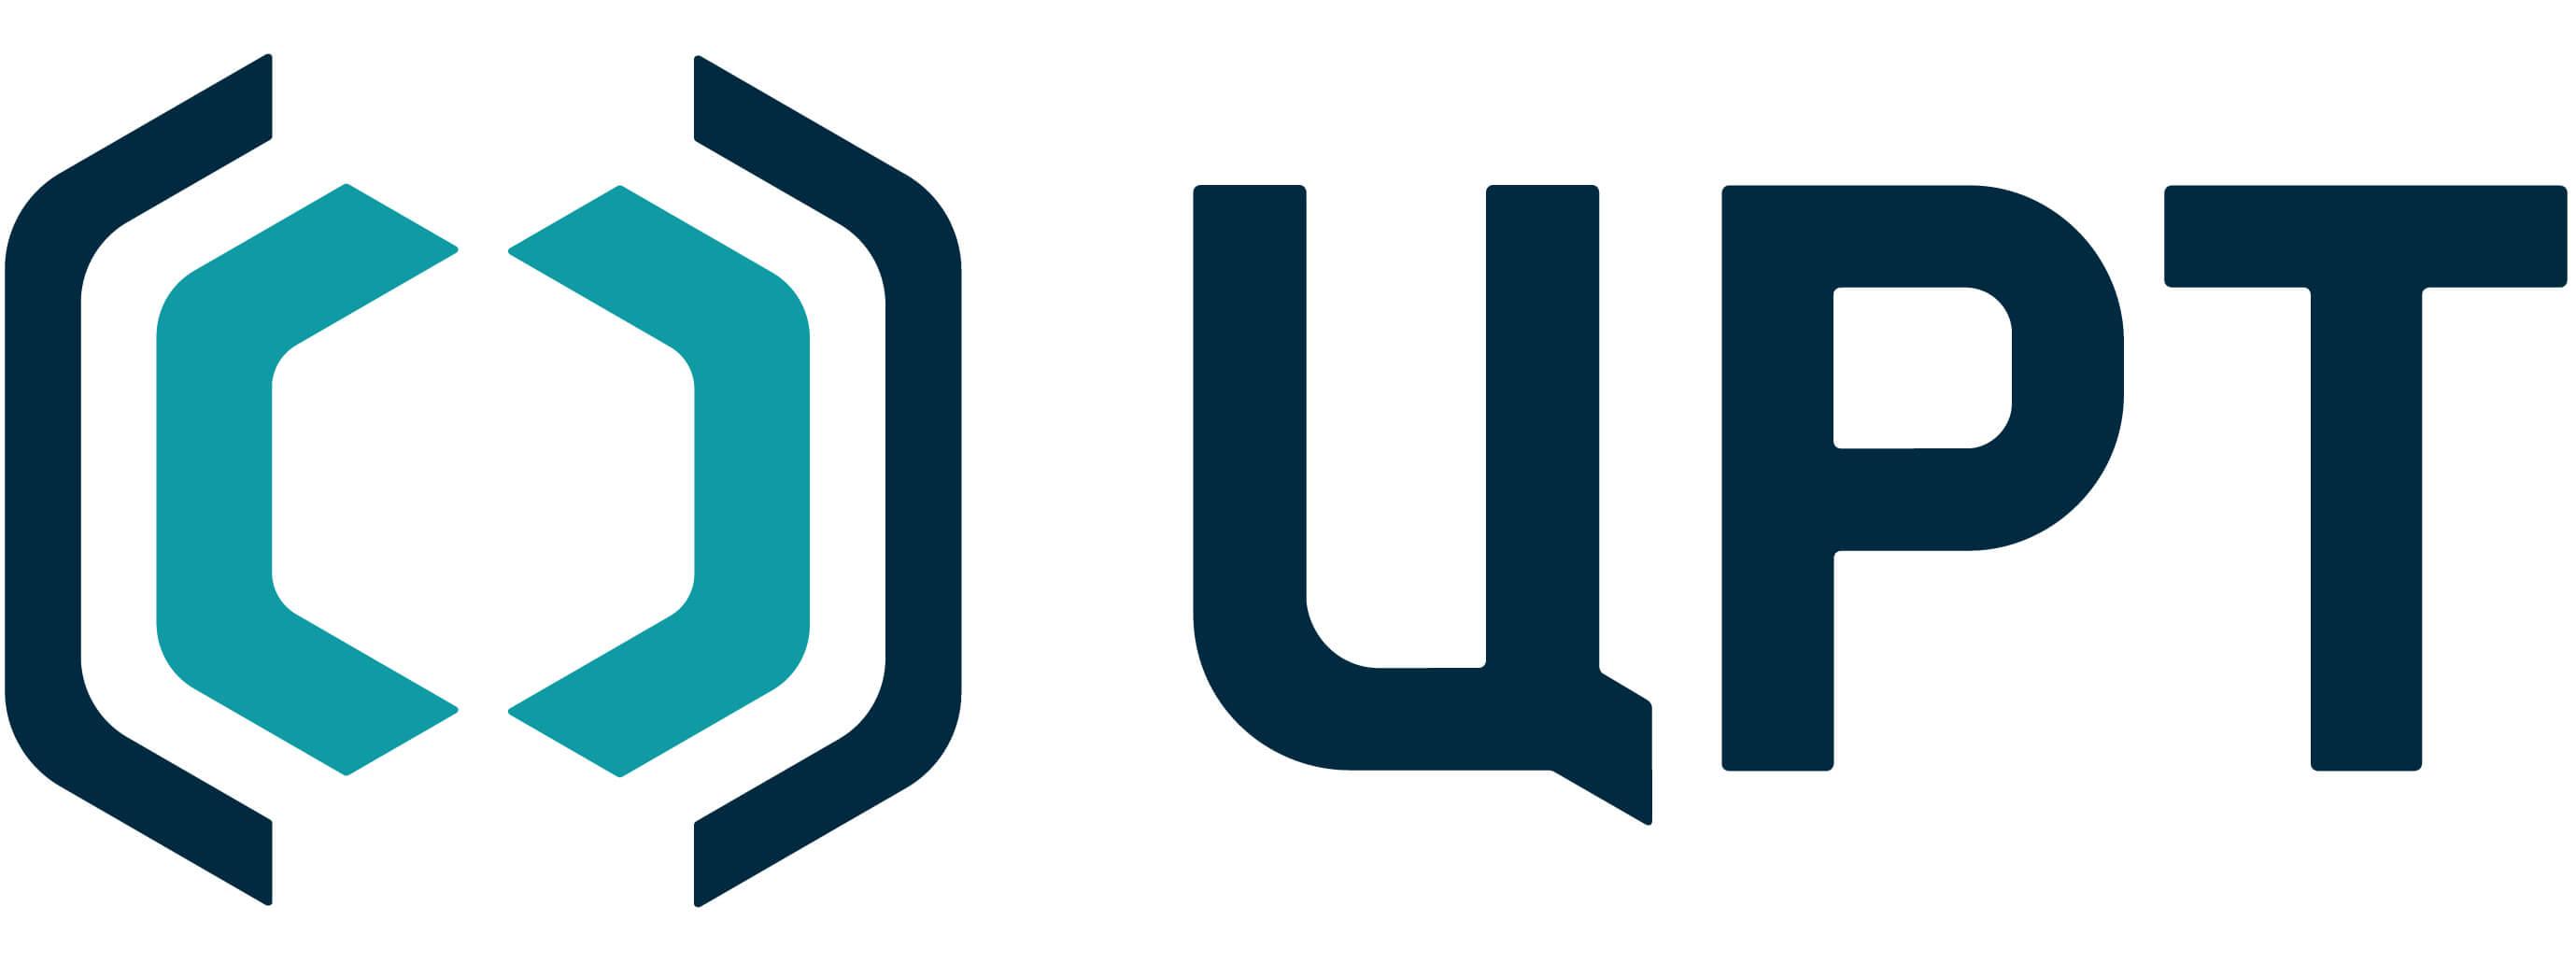 speechpro-logo.jpg